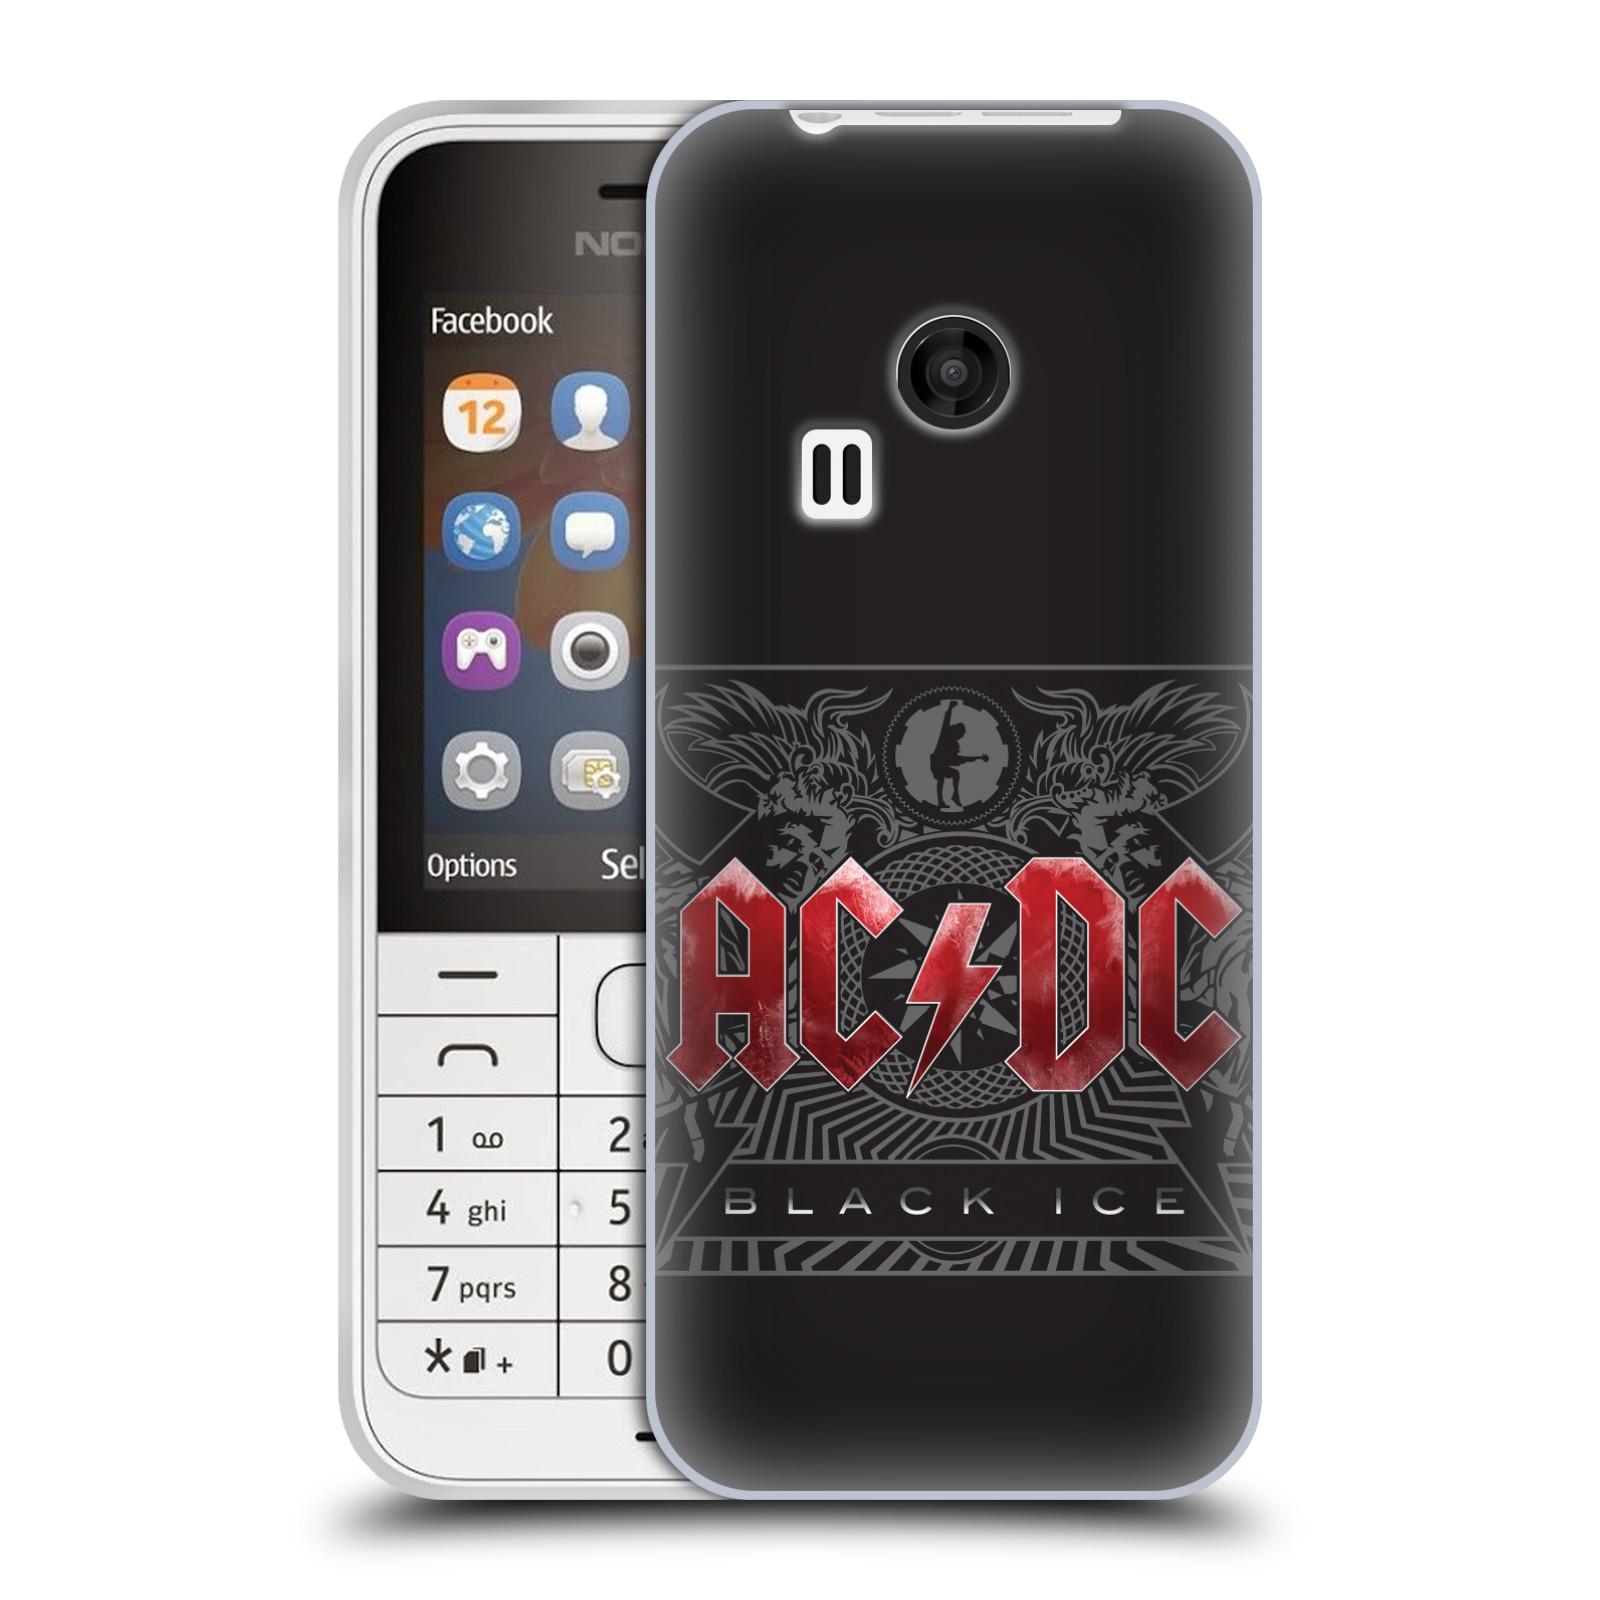 Silikonové pouzdro na mobil Nokia 220 HEAD CASE AC/DC Black Ice (Silikonový kryt či obal na mobilní telefon s oficiálním motivem australské skupiny AC/DC pro Nokia 220 a 220 Dual SIM)